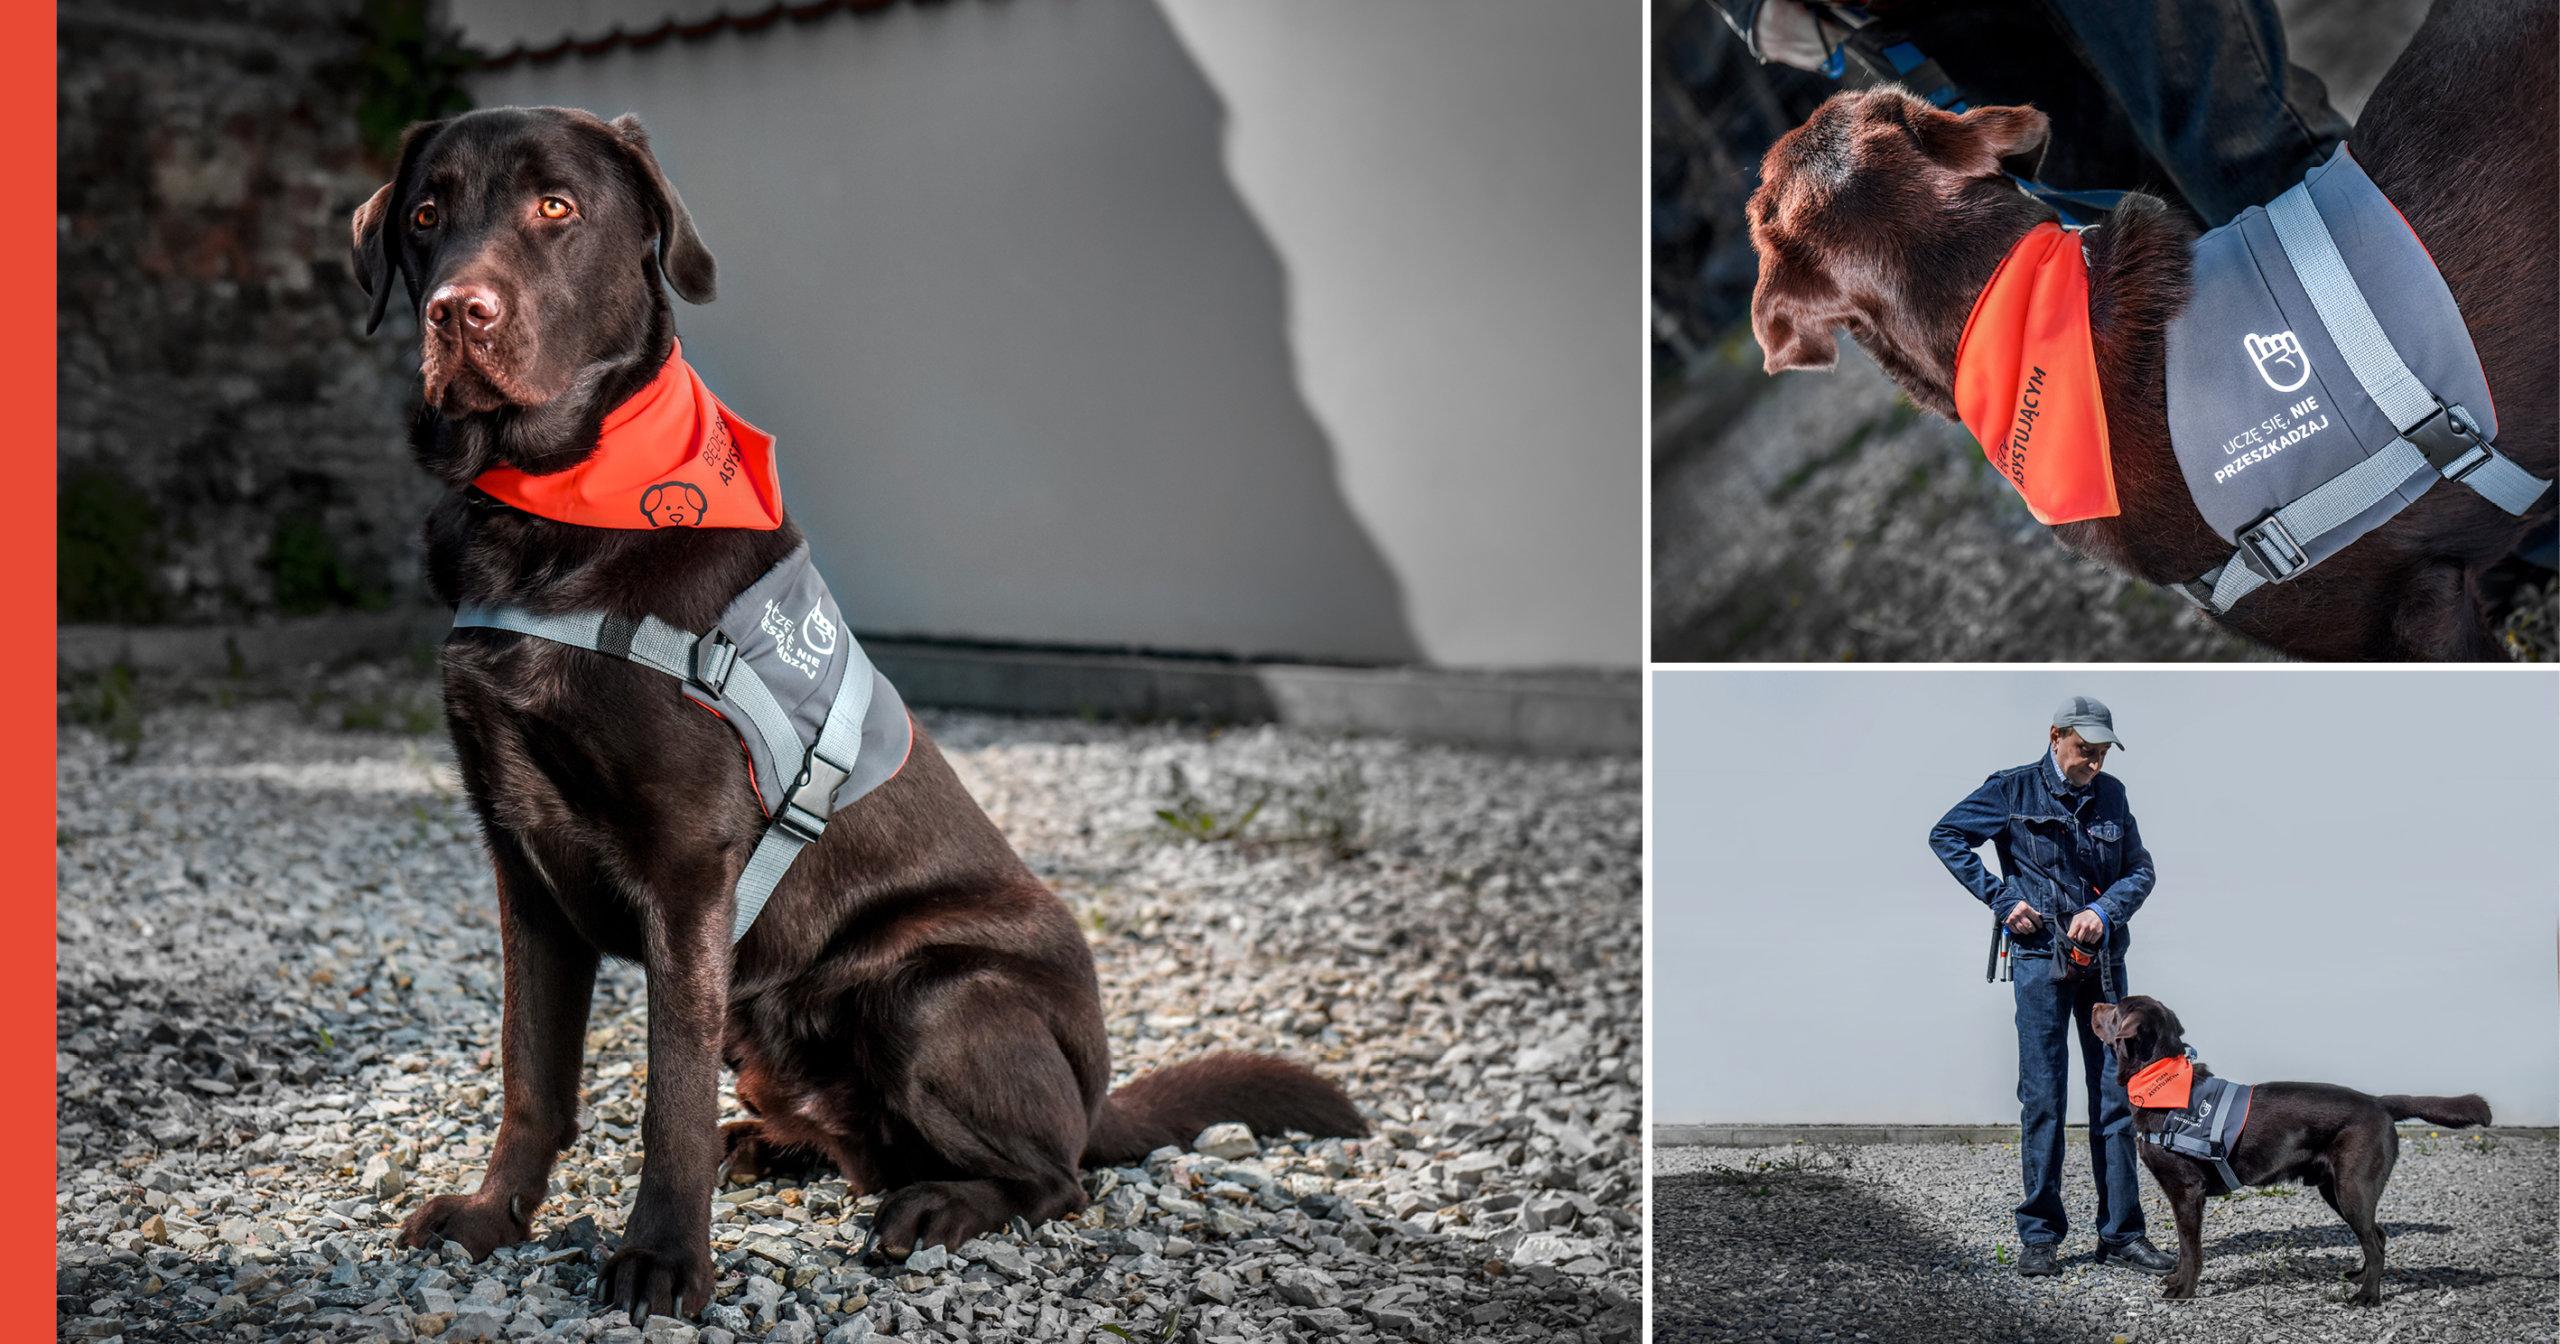 """Na ilustracji znajdują się trzy połączone zdjęcia. Na każdym z nich znajduje się półtoraroczny czekoladowy labrador. Ma na sobie tekstylną uprząż. Na uprzęży znajduje się piktogram z wyciągniętym palcem oraz napis """"uczę się, nie przeszkadzaj"""". Labrador ma również ubraną pomarańczową chustkę, na której znajduje się piktogram psa oraz napis """"będę psem asystującym"""". Na jednym ze zdjęć labradorowi towarzyszy mężczyzna."""